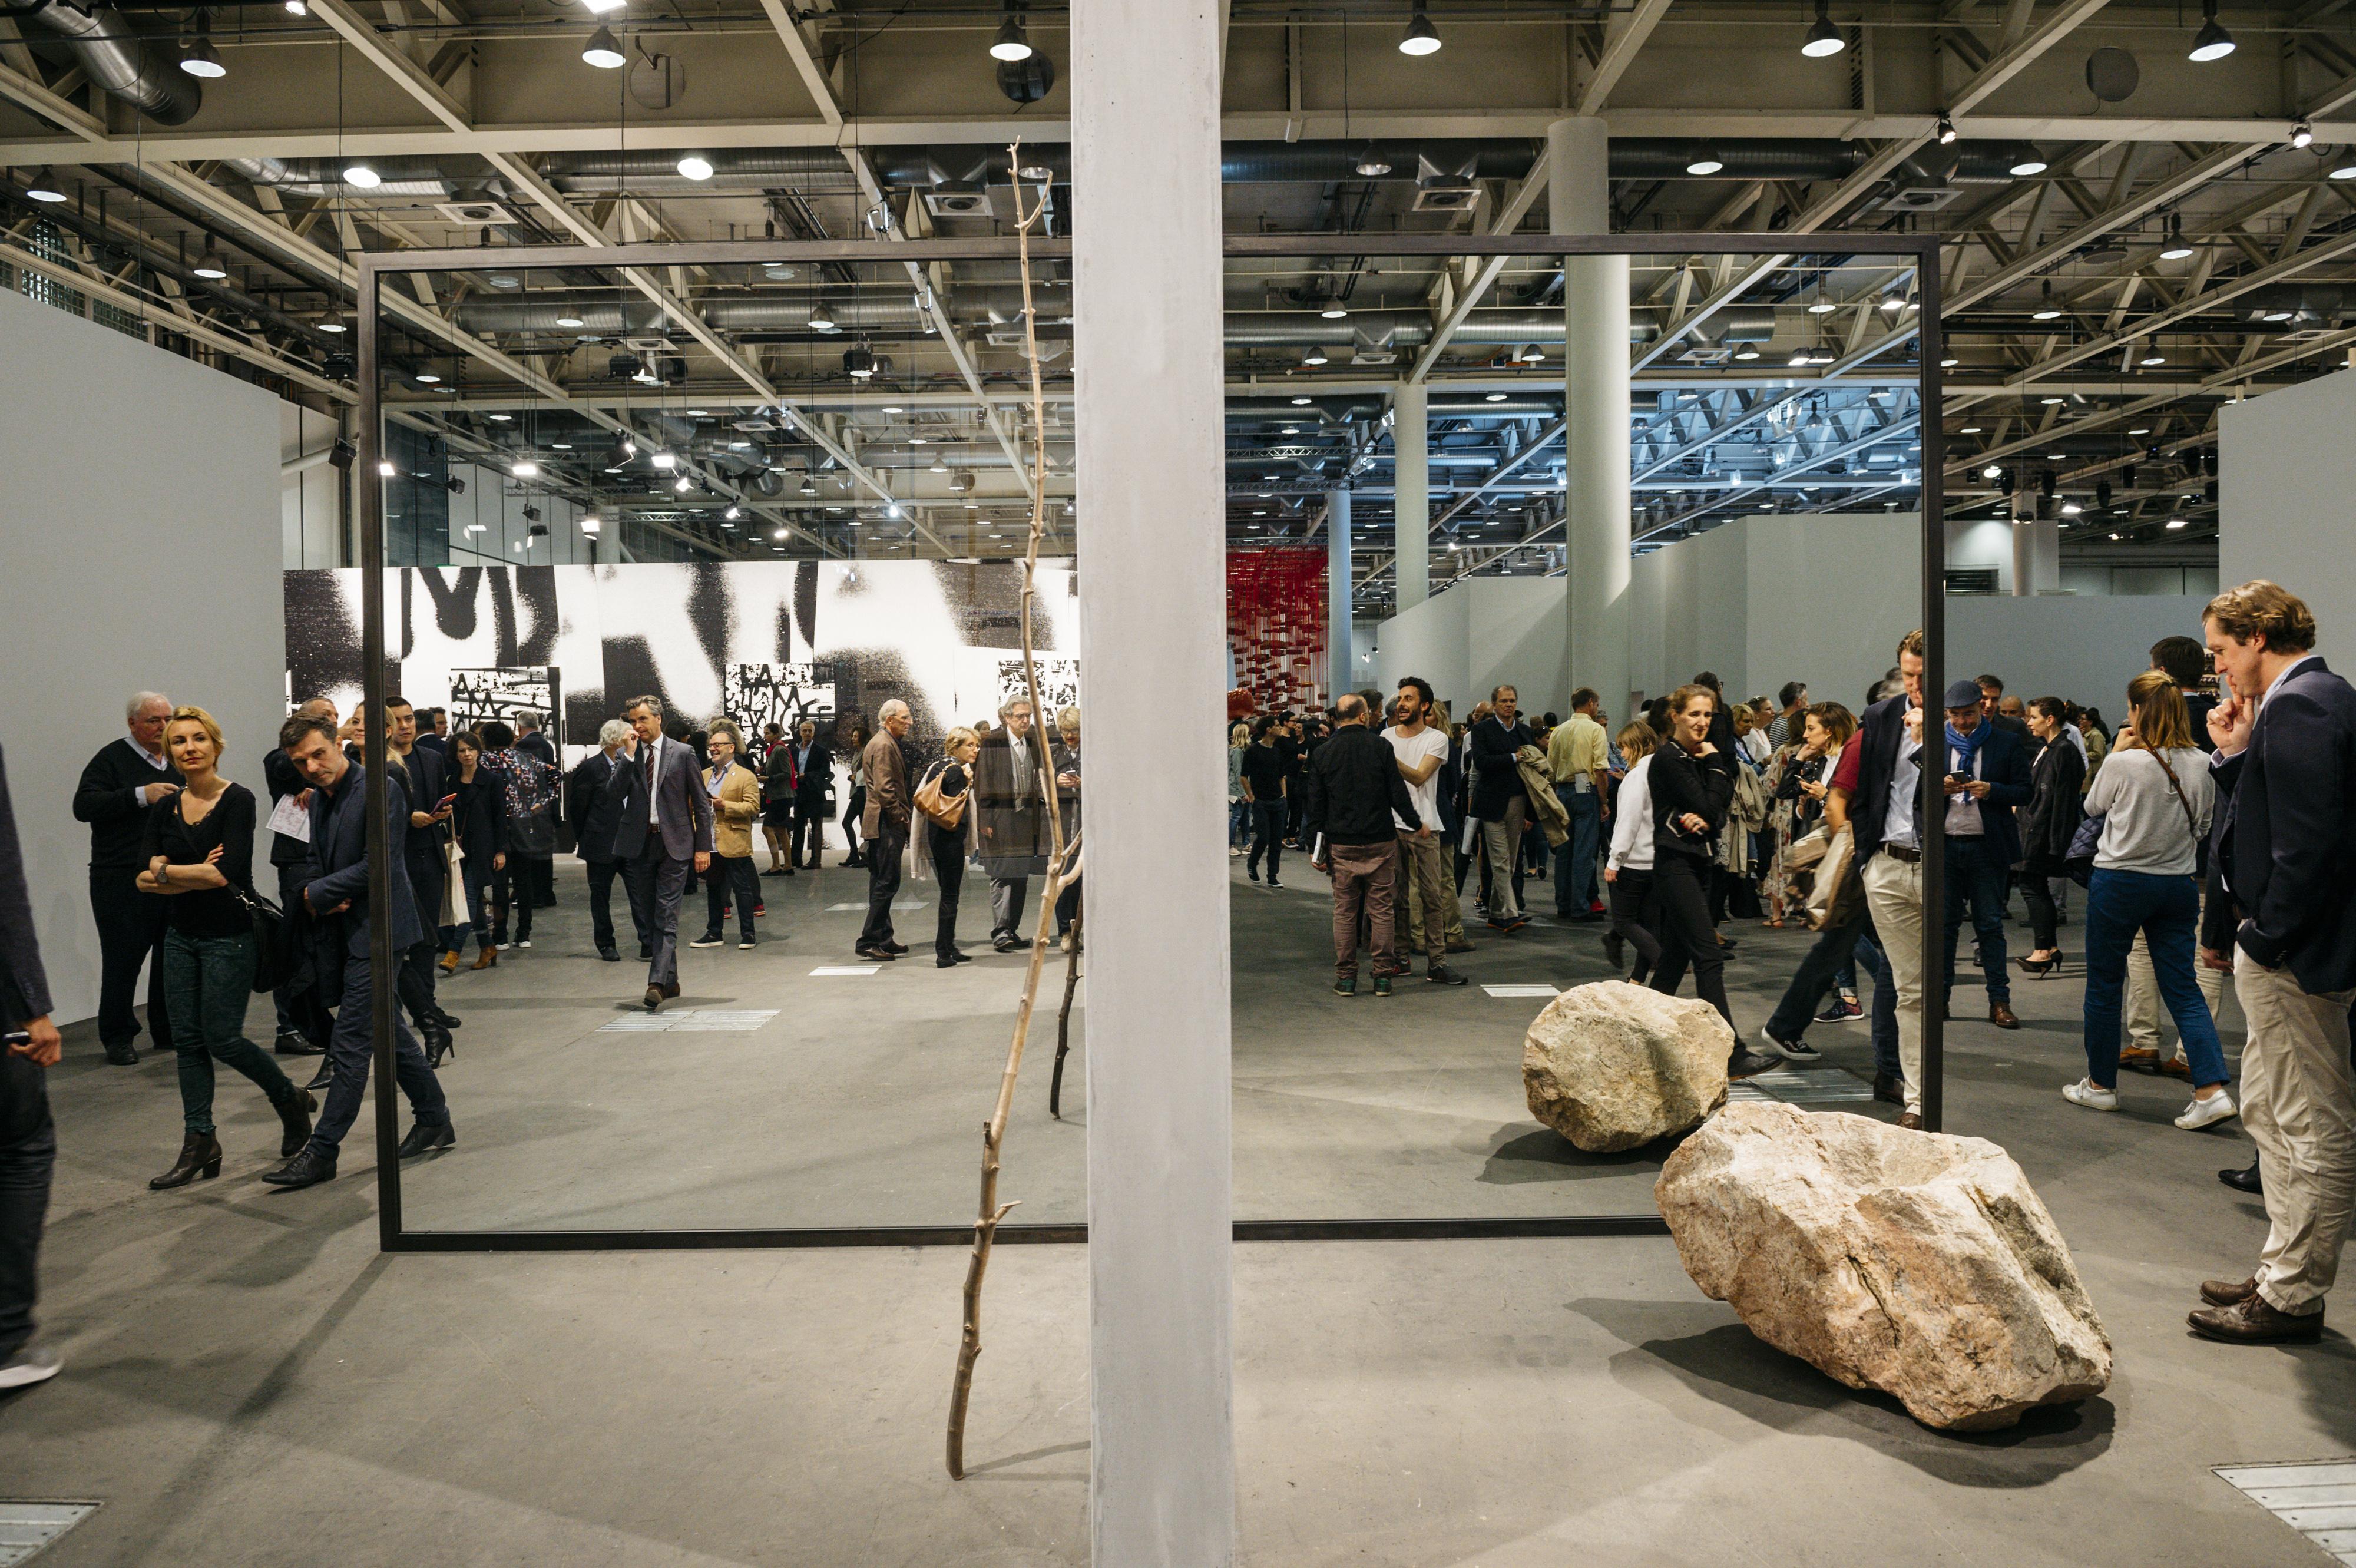 Obras de Alicja Kwade e Pedro Cabrita Reis na concorrida abertura da seção Unlimited da Art Basel 2016 (Foto: Cortesia Art Basel)